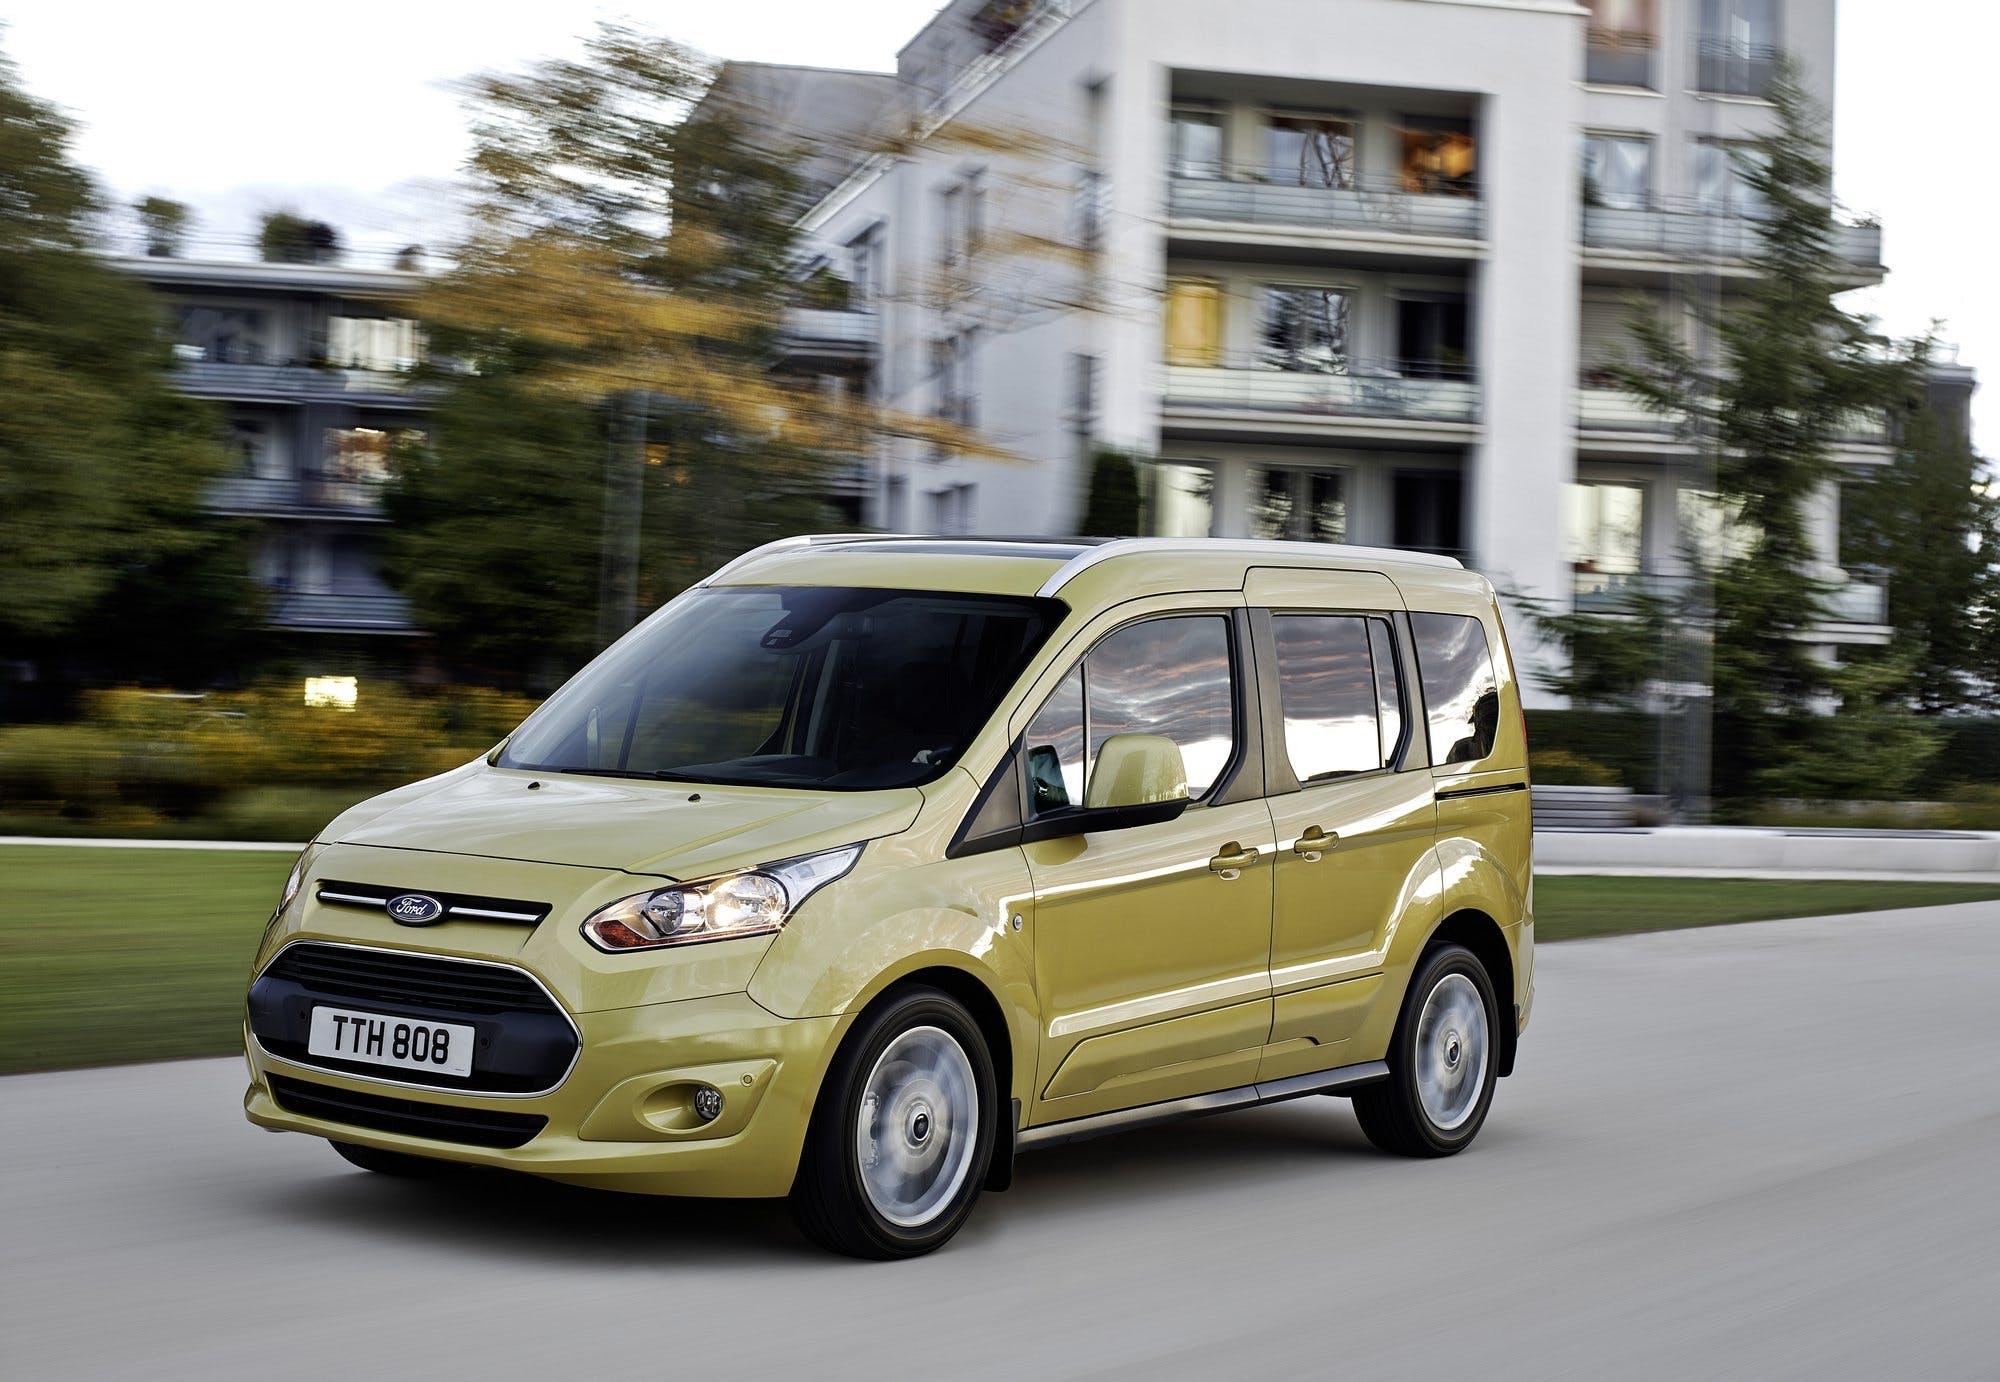 Ford Tourneo Connect migliori auto per sportivi